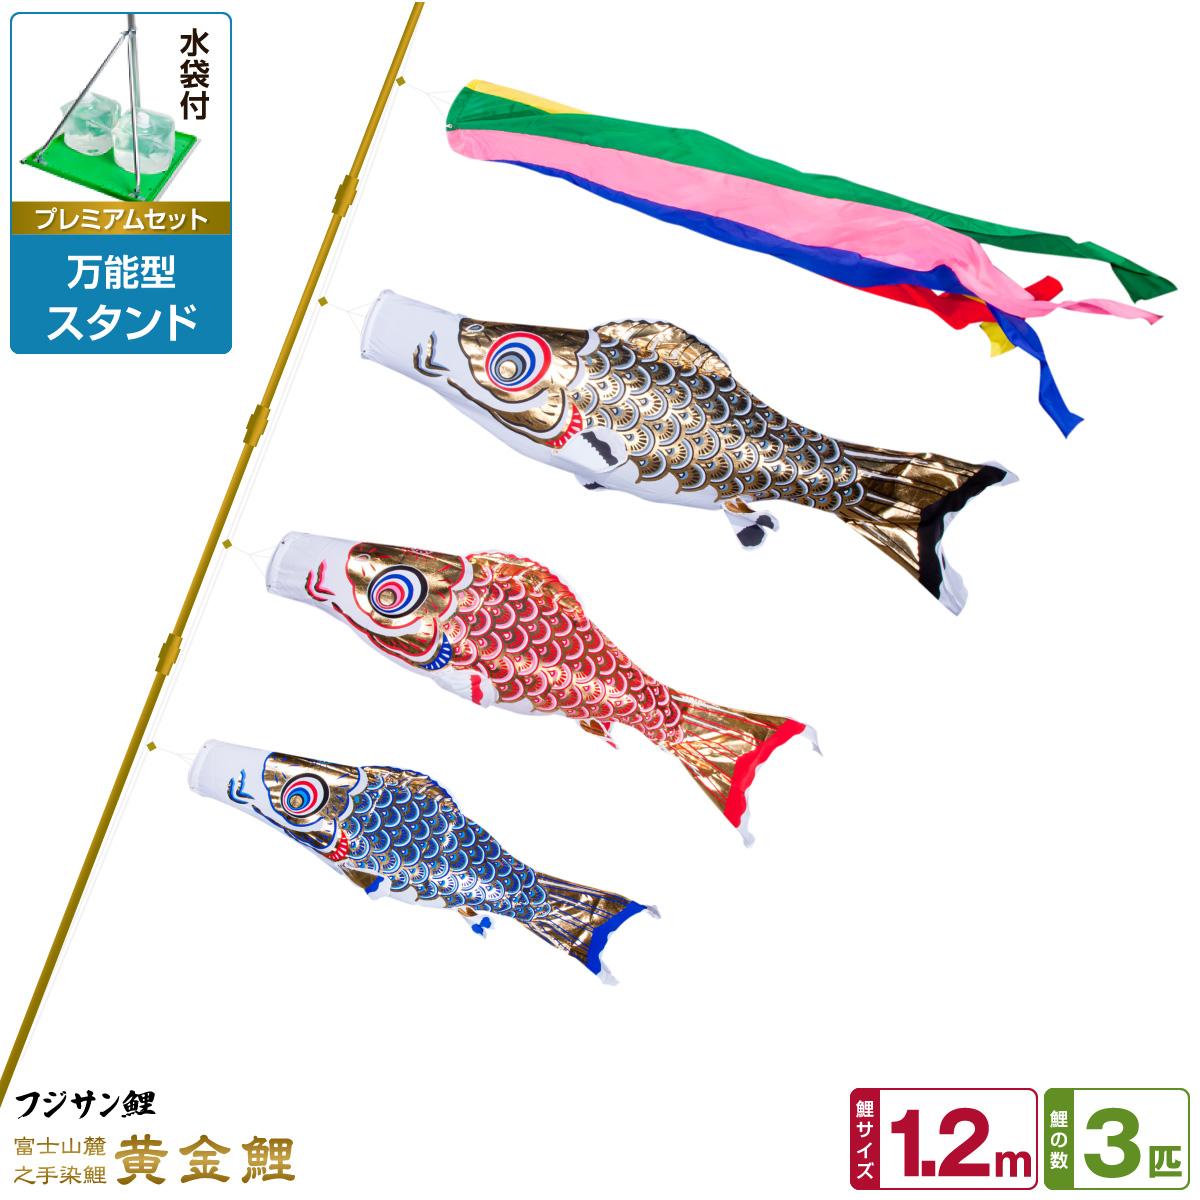 ベランダ用 こいのぼり 鯉のぼり 1.2m フジサン鯉 黄金鯉 こいのぼり 1.2m フジサン鯉 6点(吹流し+鯉3匹+矢車+ロープ)/プレミアムセット(万能スタンド), 大宇陀町:04fa019d --- sunward.msk.ru